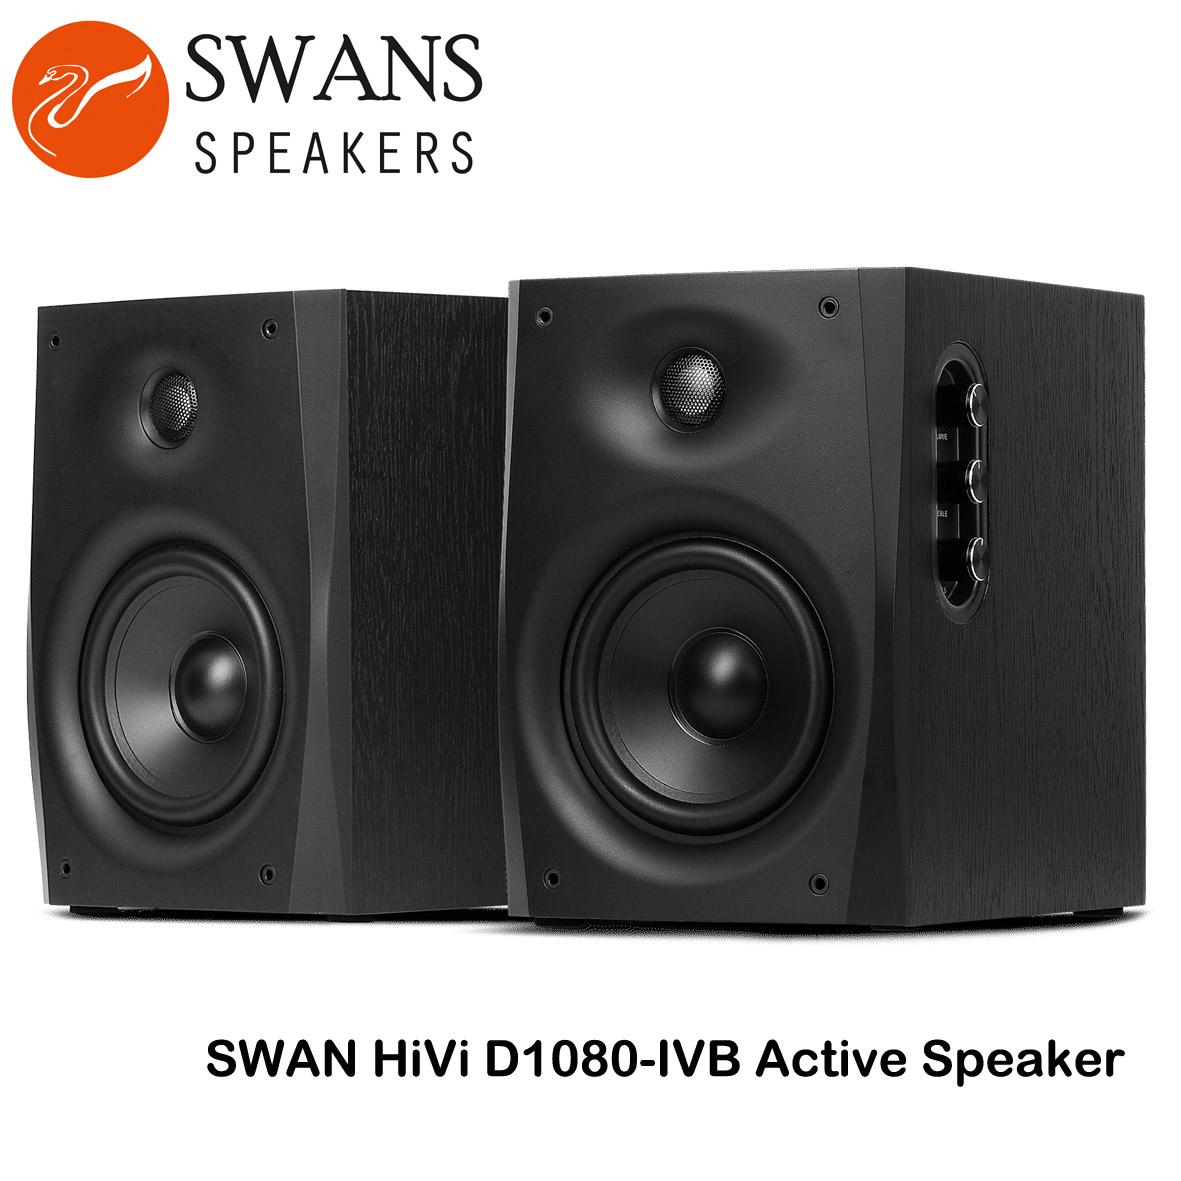 Loa SWAN D1080-IVB